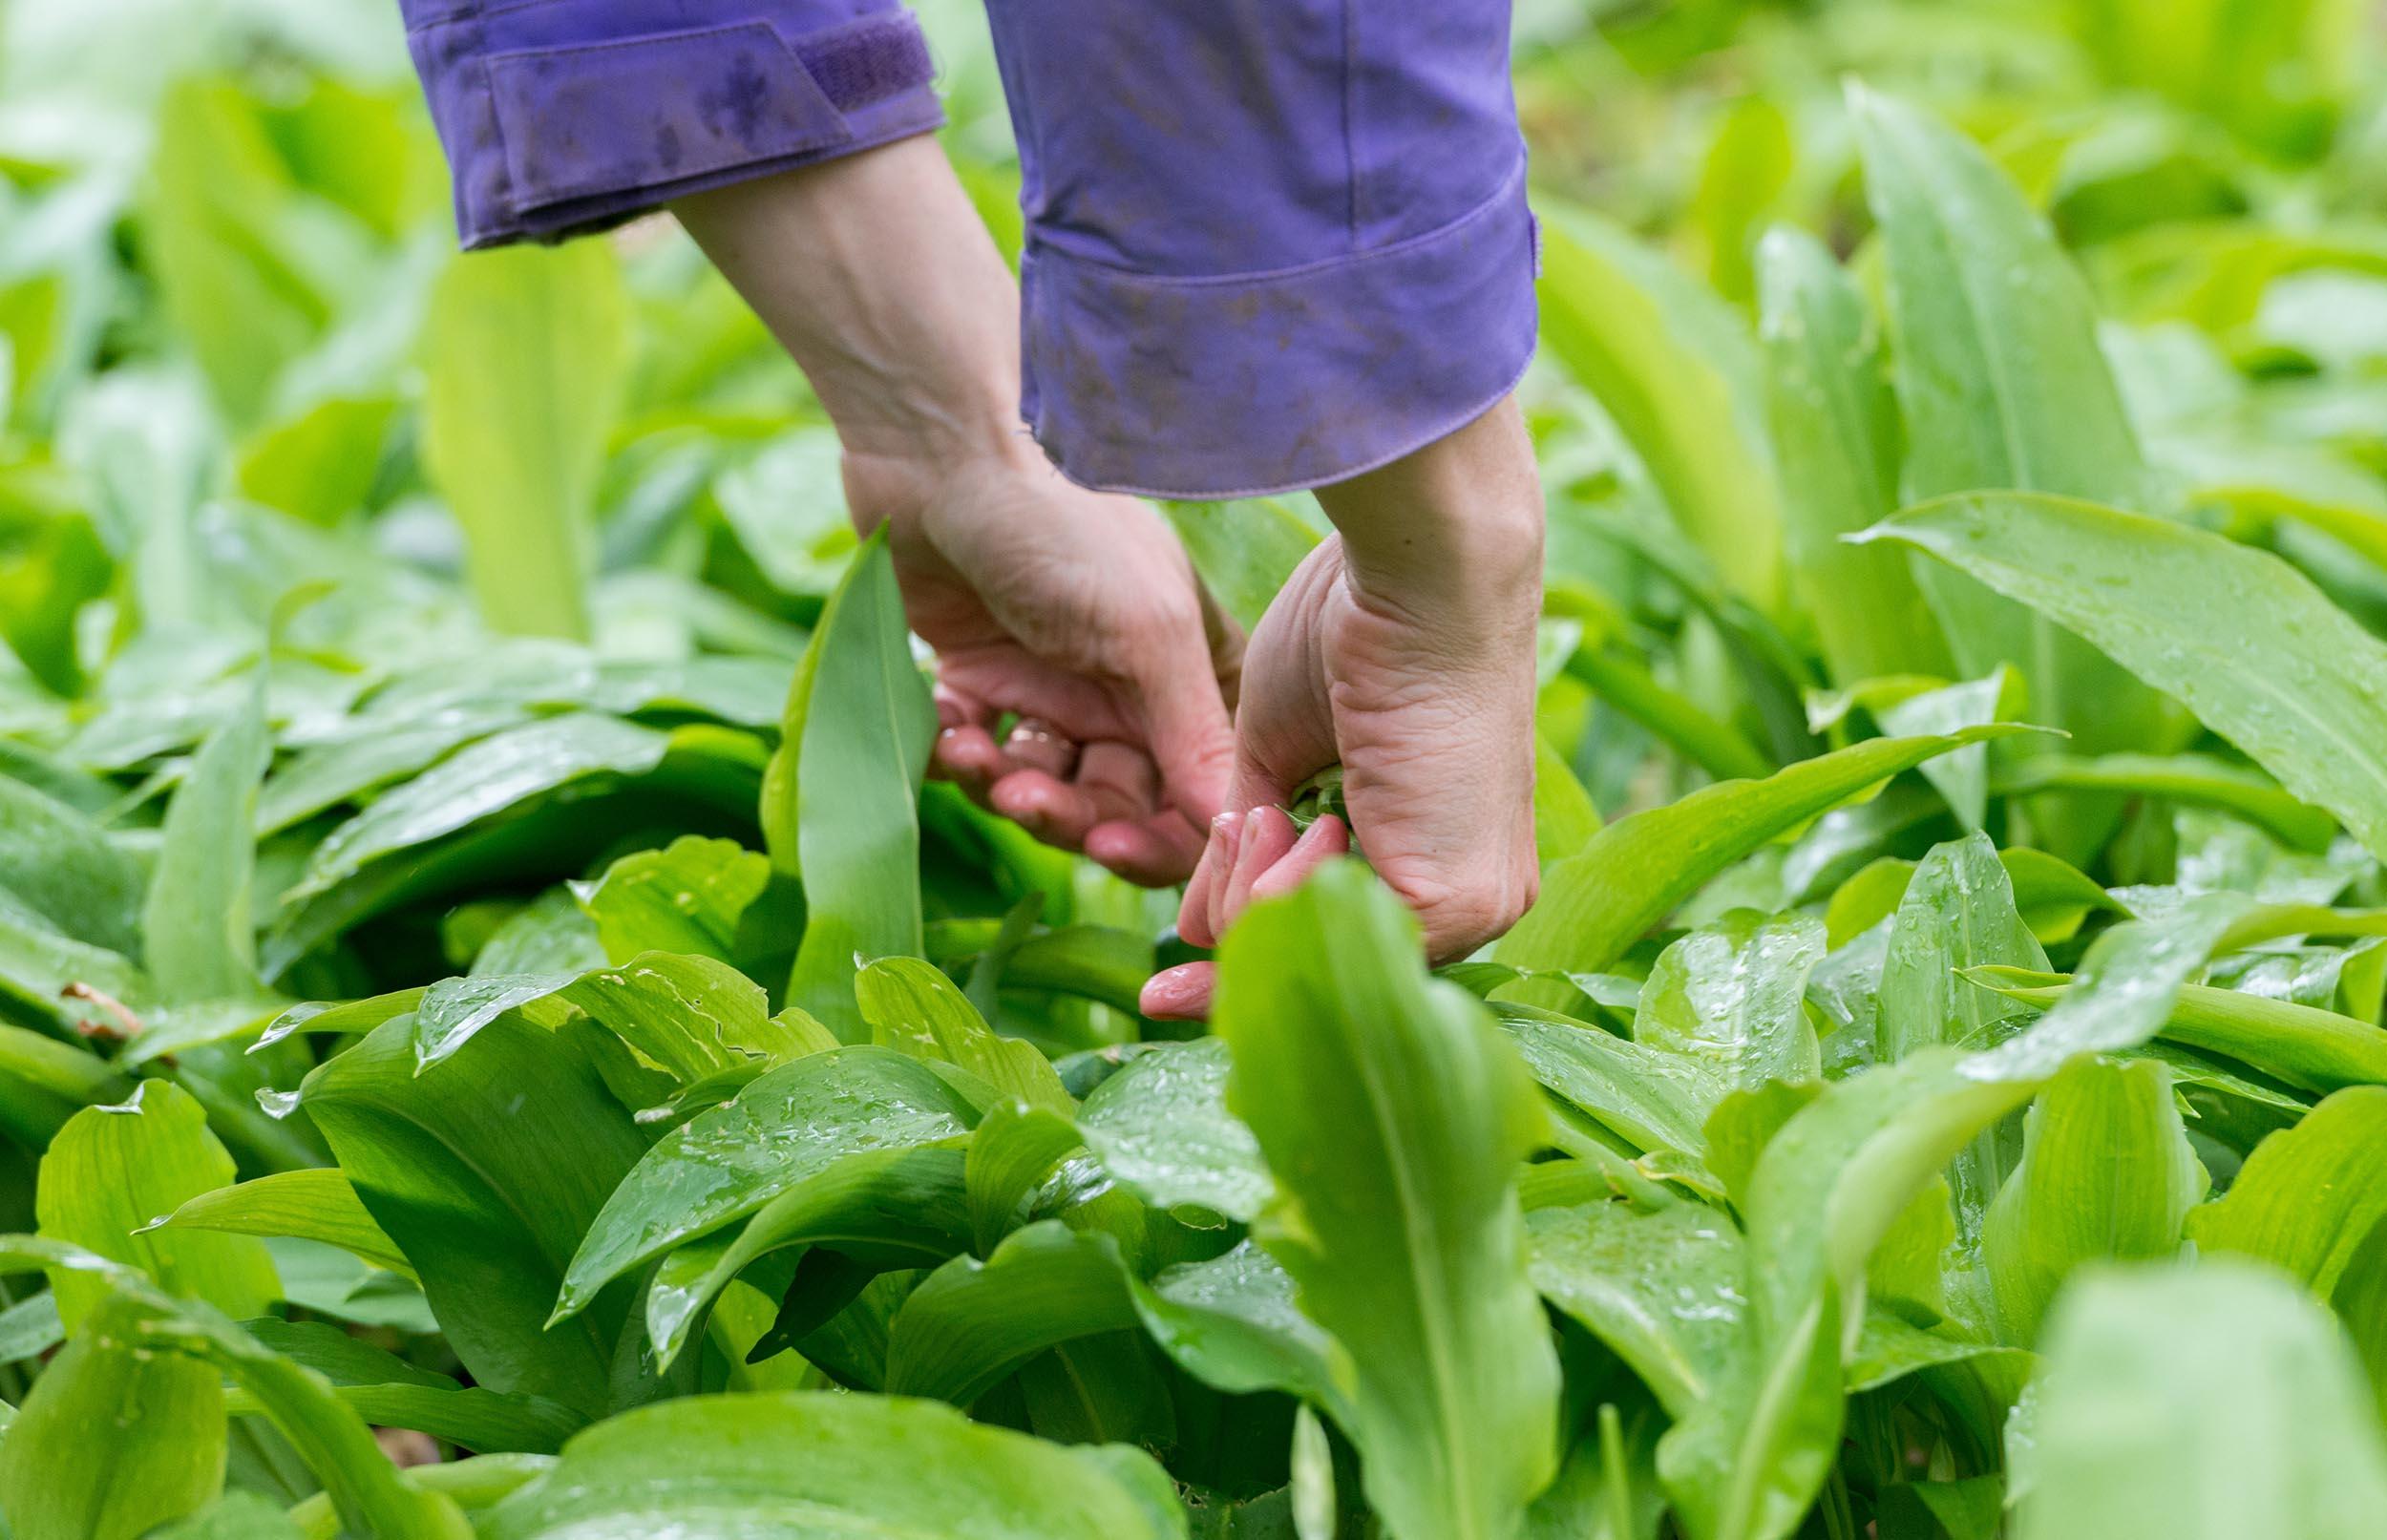 Spis dig mæt i mad fra naturens vilde spisekammer